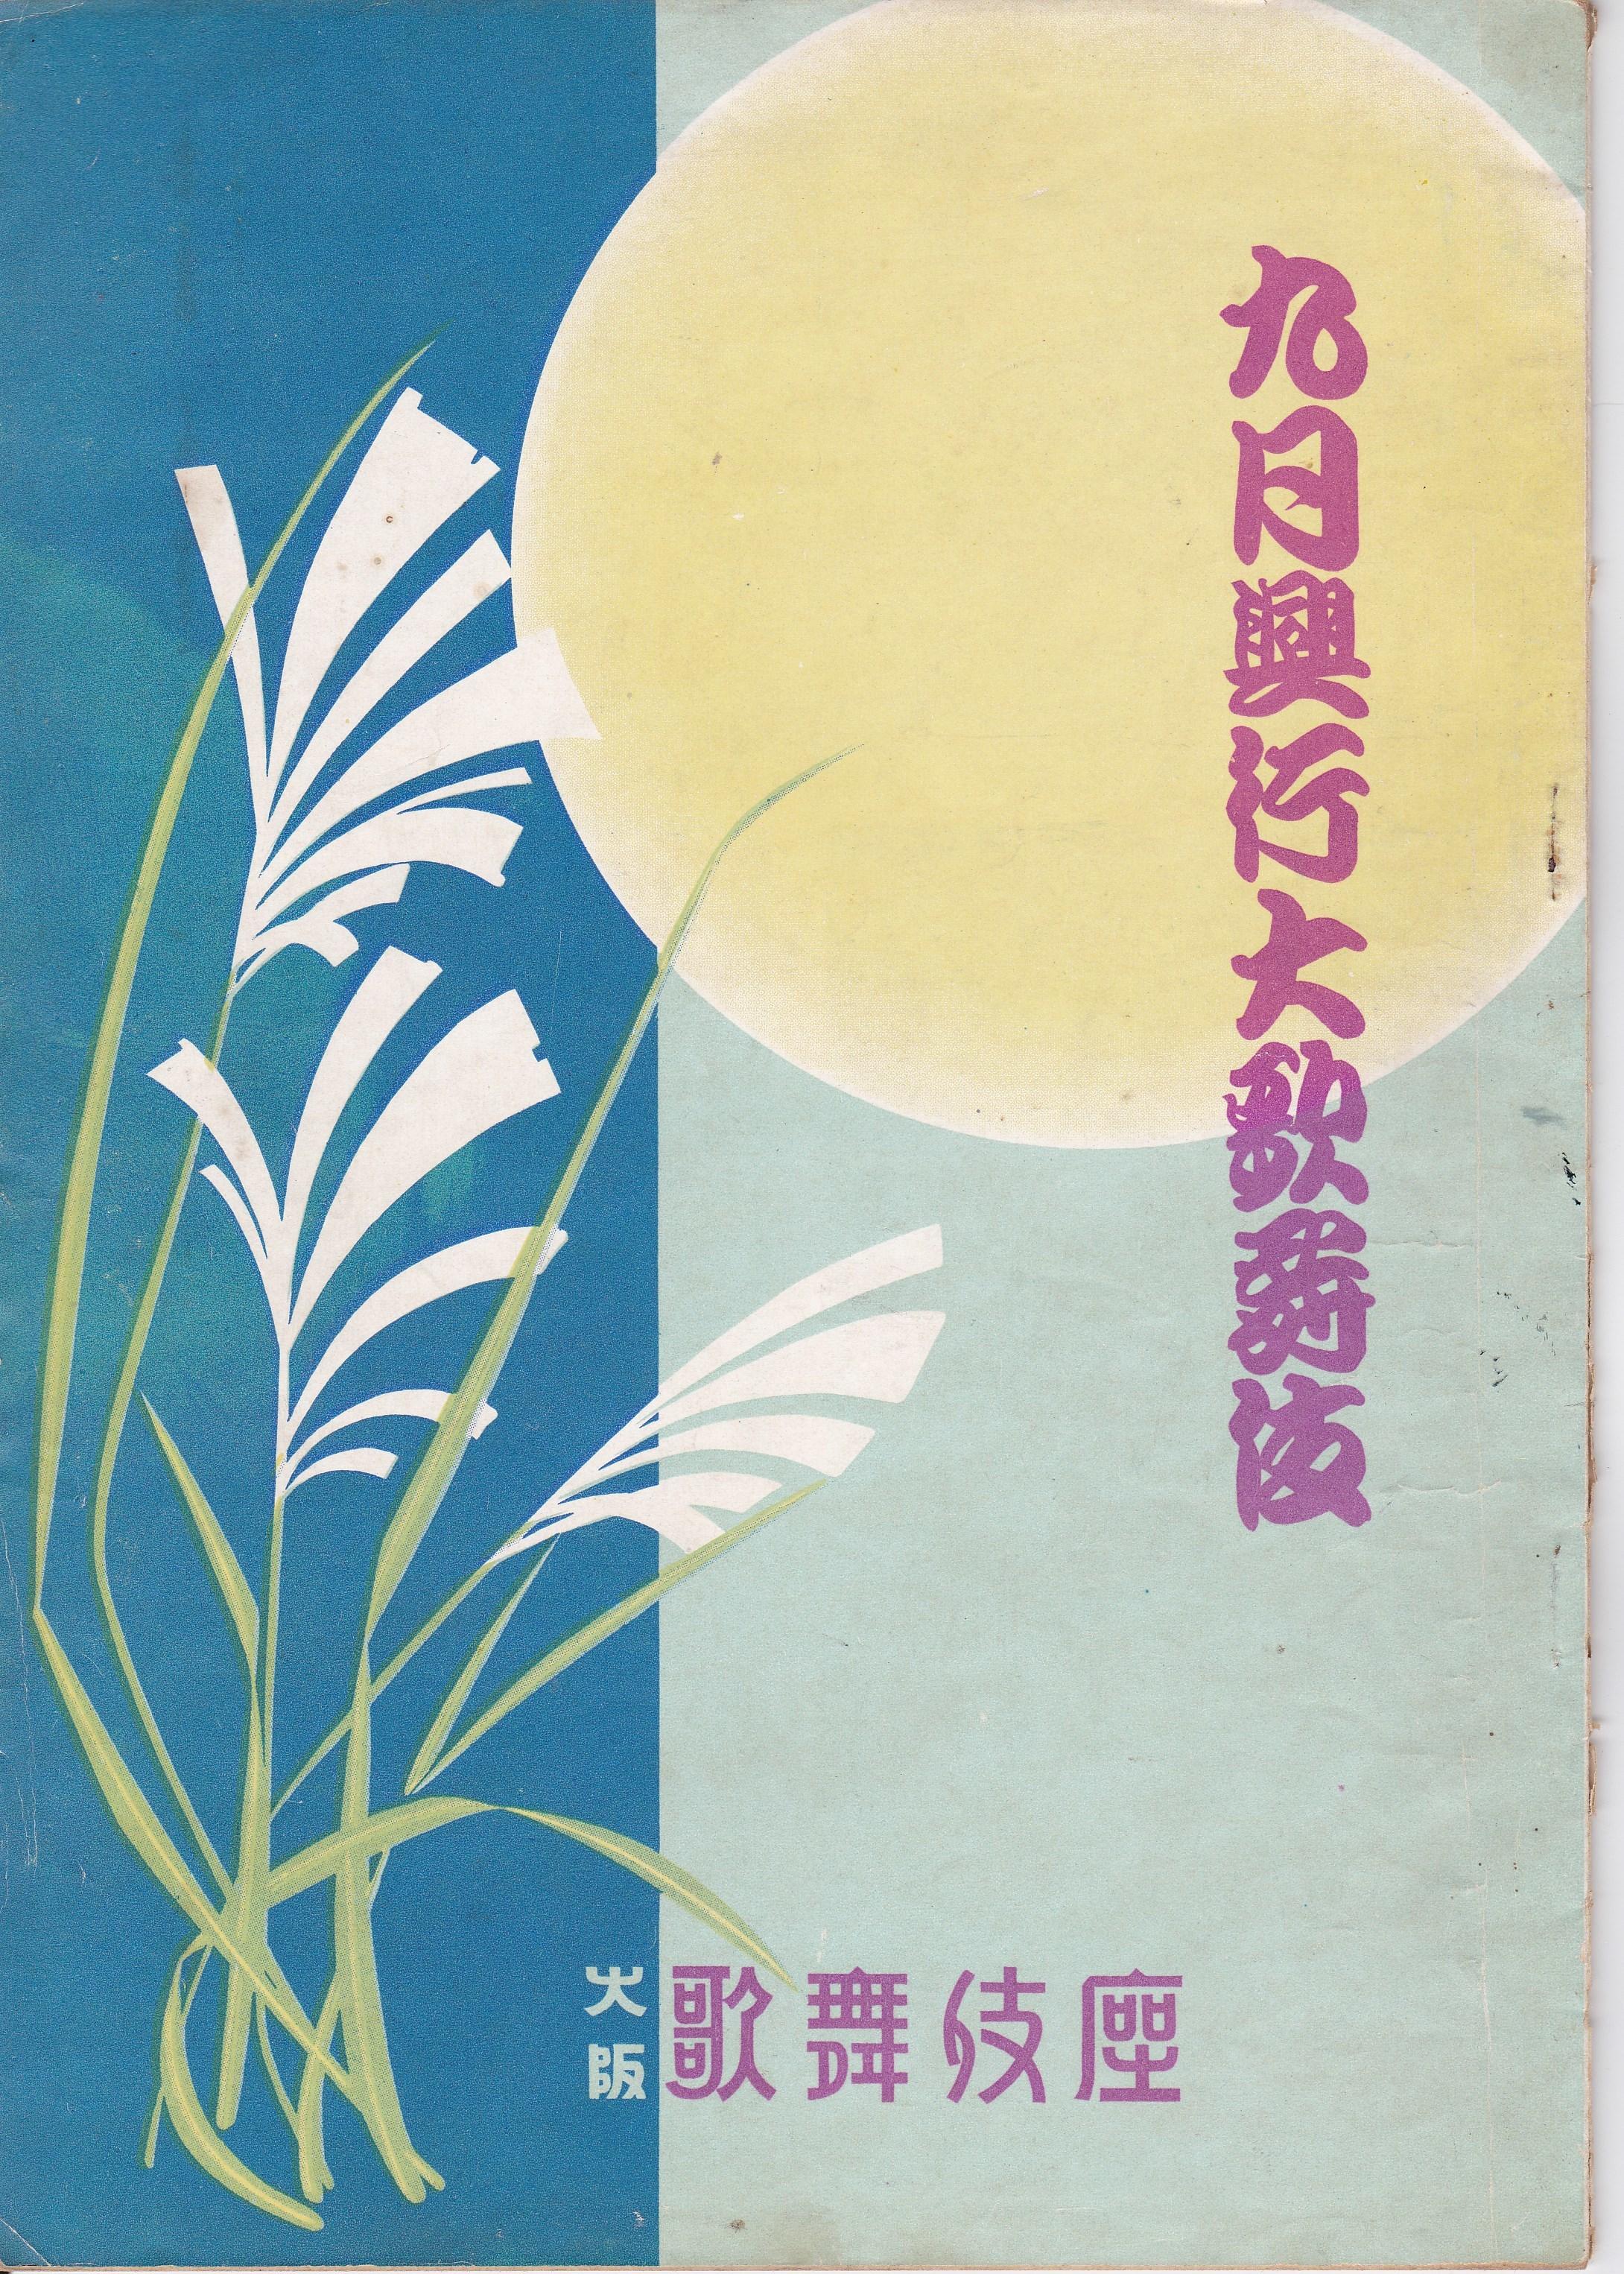 昭和29年 九月興行大歌舞伎 大阪歌舞伎座 興行パンフレット